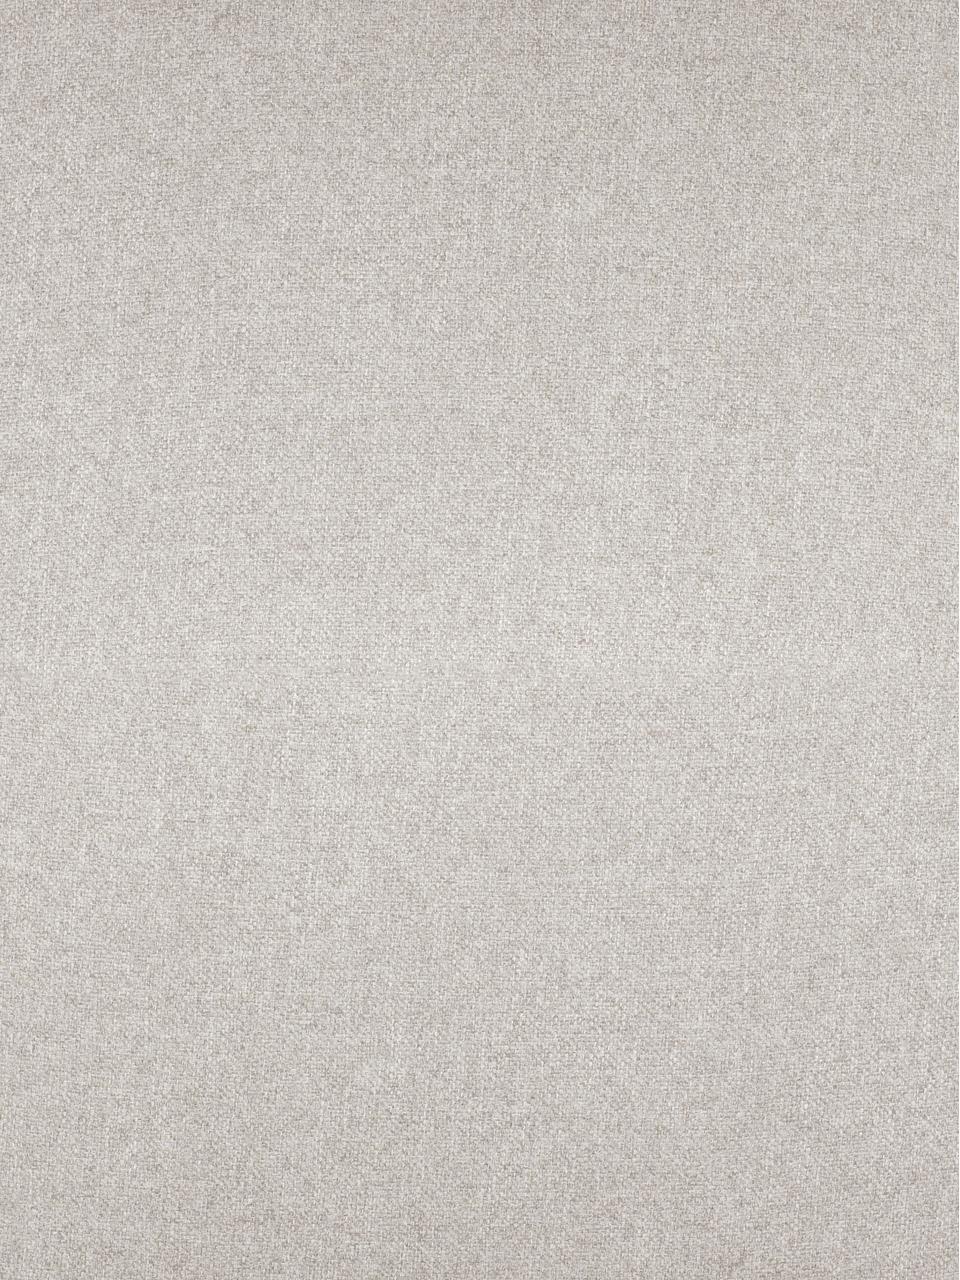 Puf z metalowymi nogami Fluente, Tapicerka: 80% poliester, 20% ramia , Stelaż: lite drewno sosnowe, Stelaż: lite drewno sosnowe, Nogi: metal malowany proszkowo, Beżowy, S 62 x W 46 cm